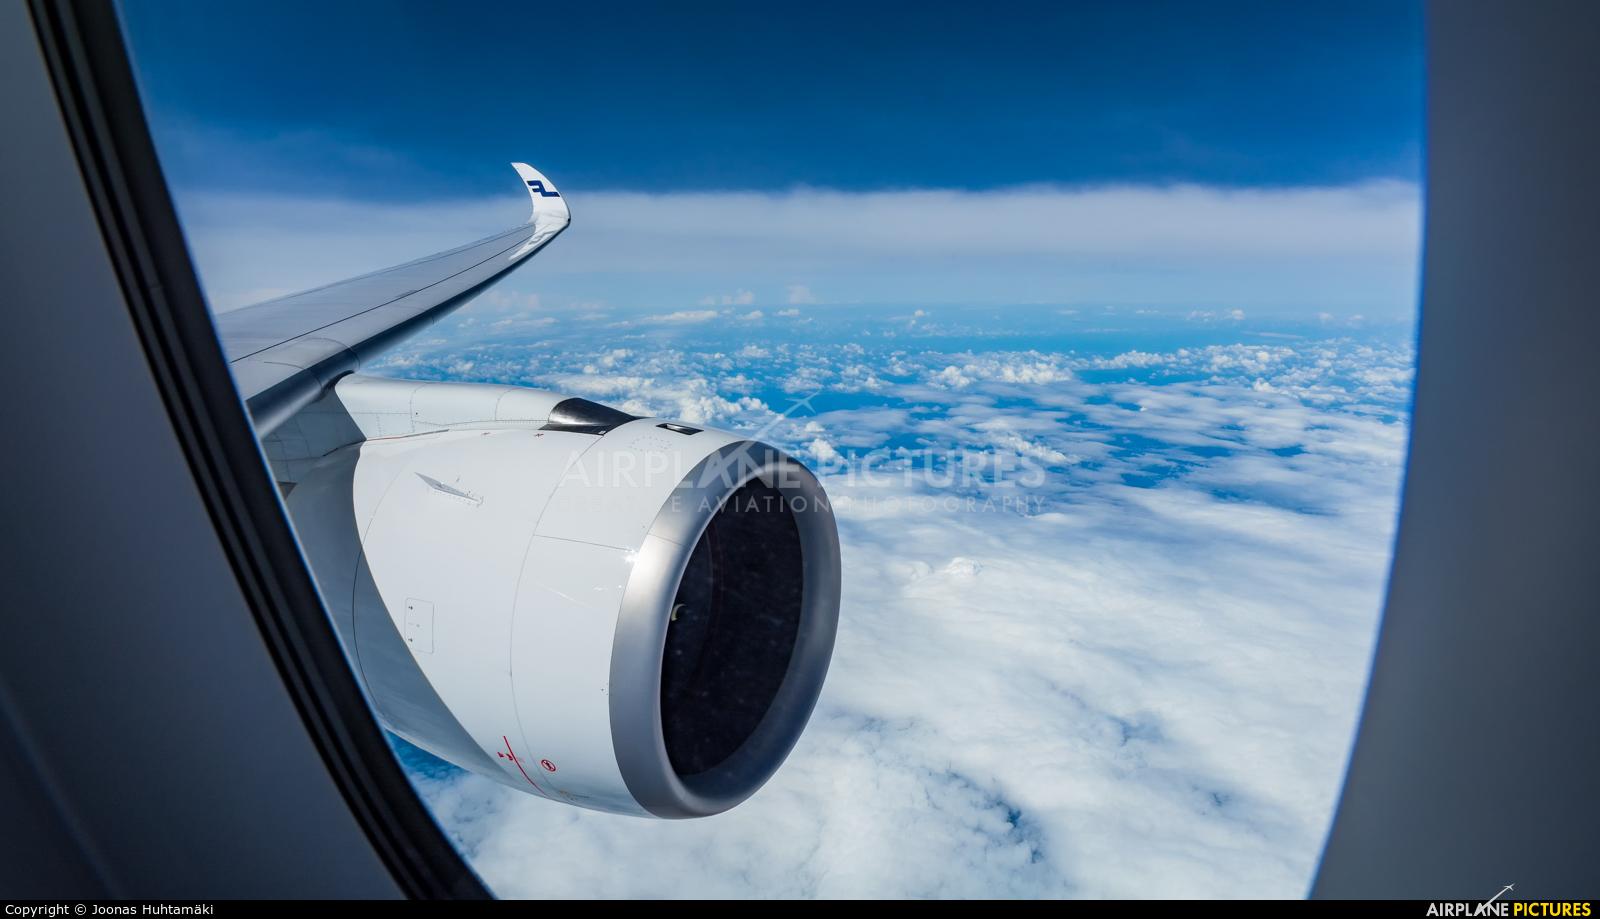 Finnair OH-LWG aircraft at In Flight - International